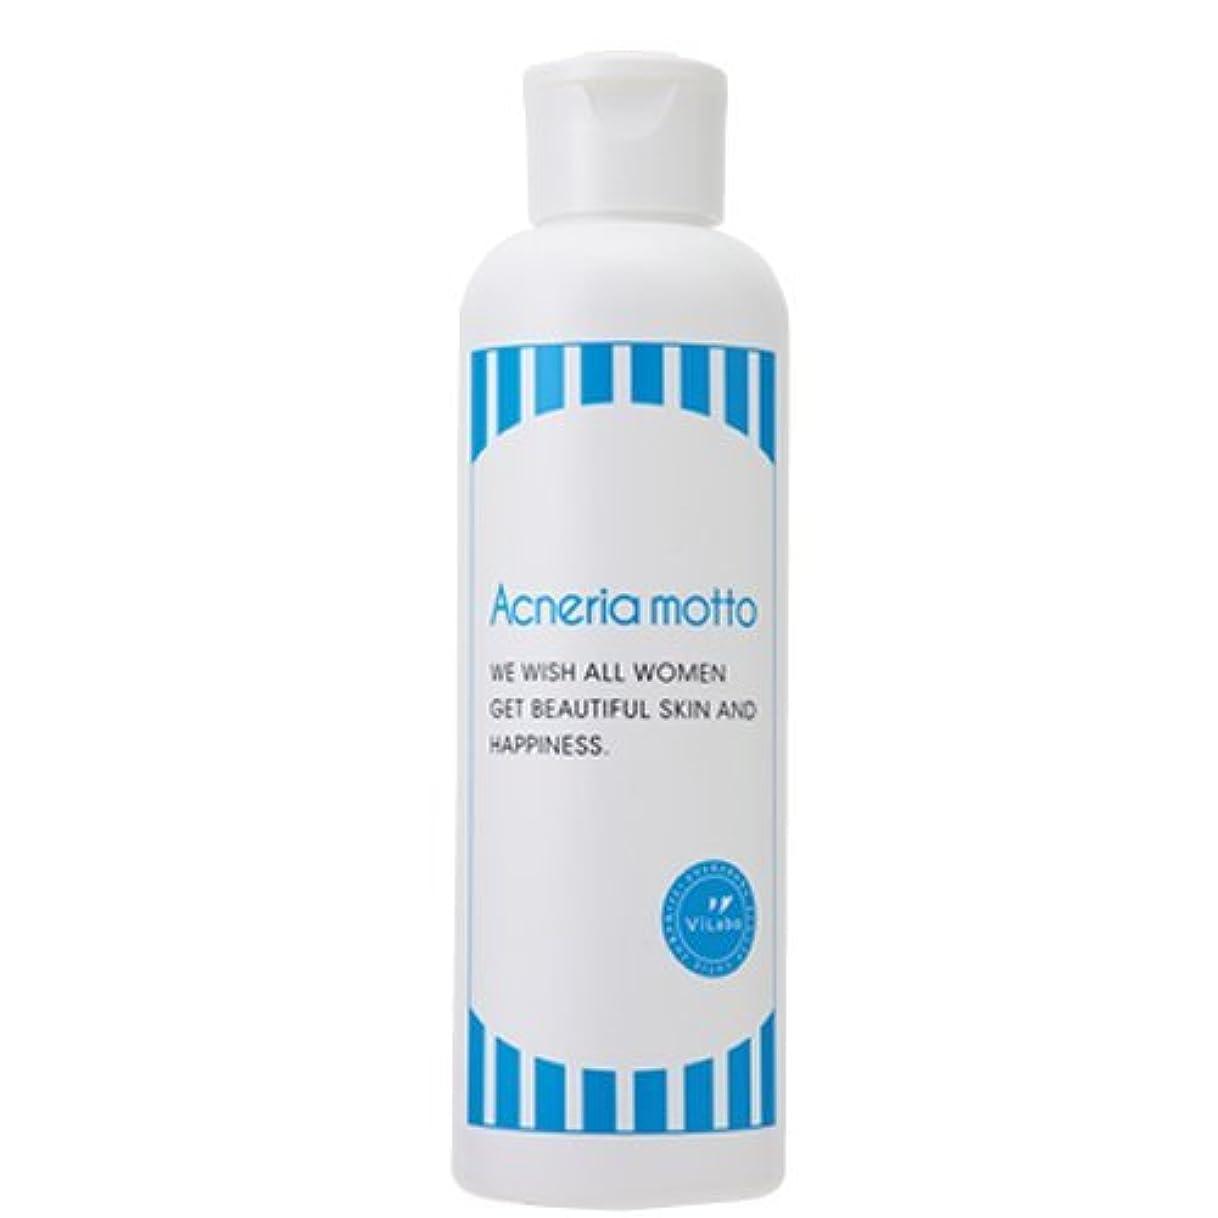 シェトランド諸島エントリ酸化物アクネリアモット ローション(化粧水) 通常ボトル 200ml